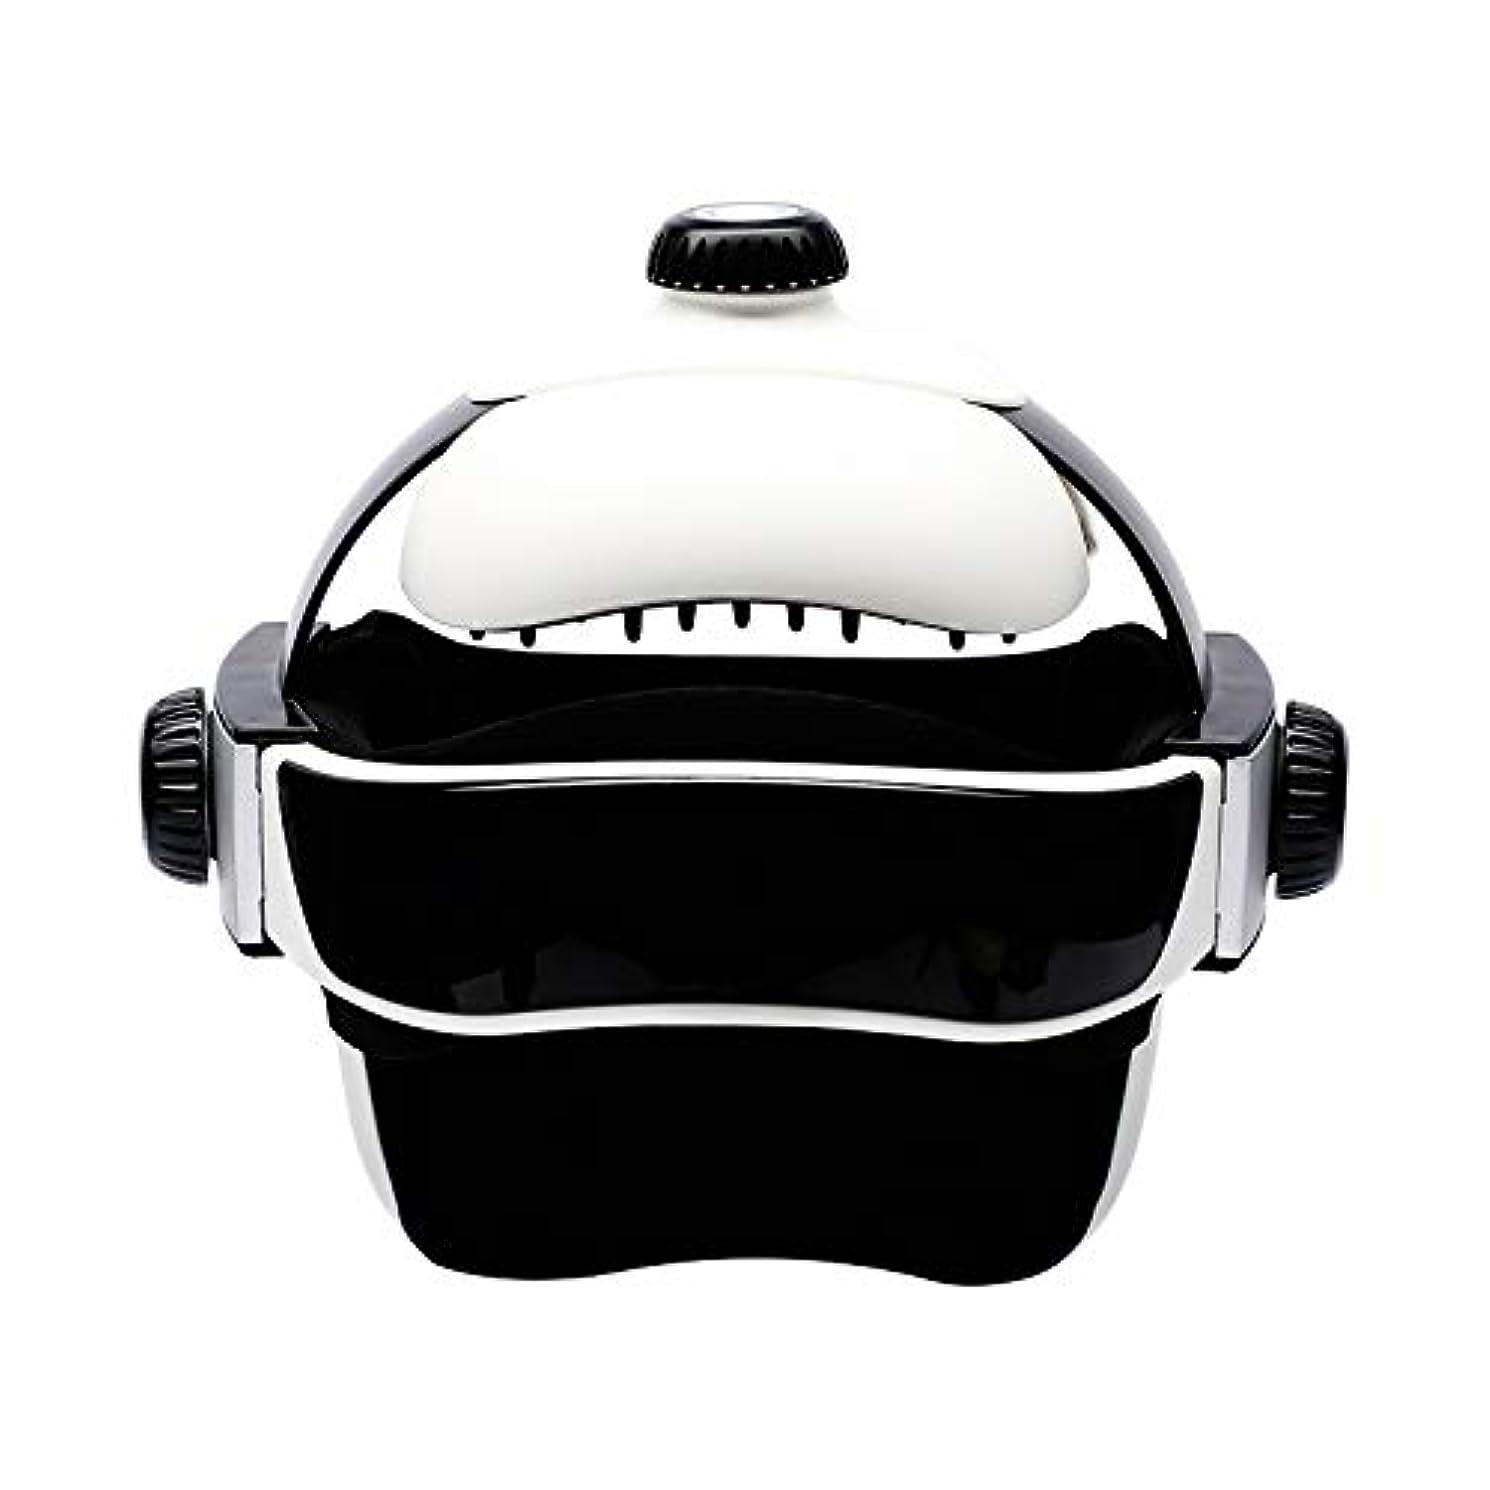 限りなく持っている司書ヘルメットの電動が機能している頭皮は同じタイプのマッサージ器です [並行輸入品]